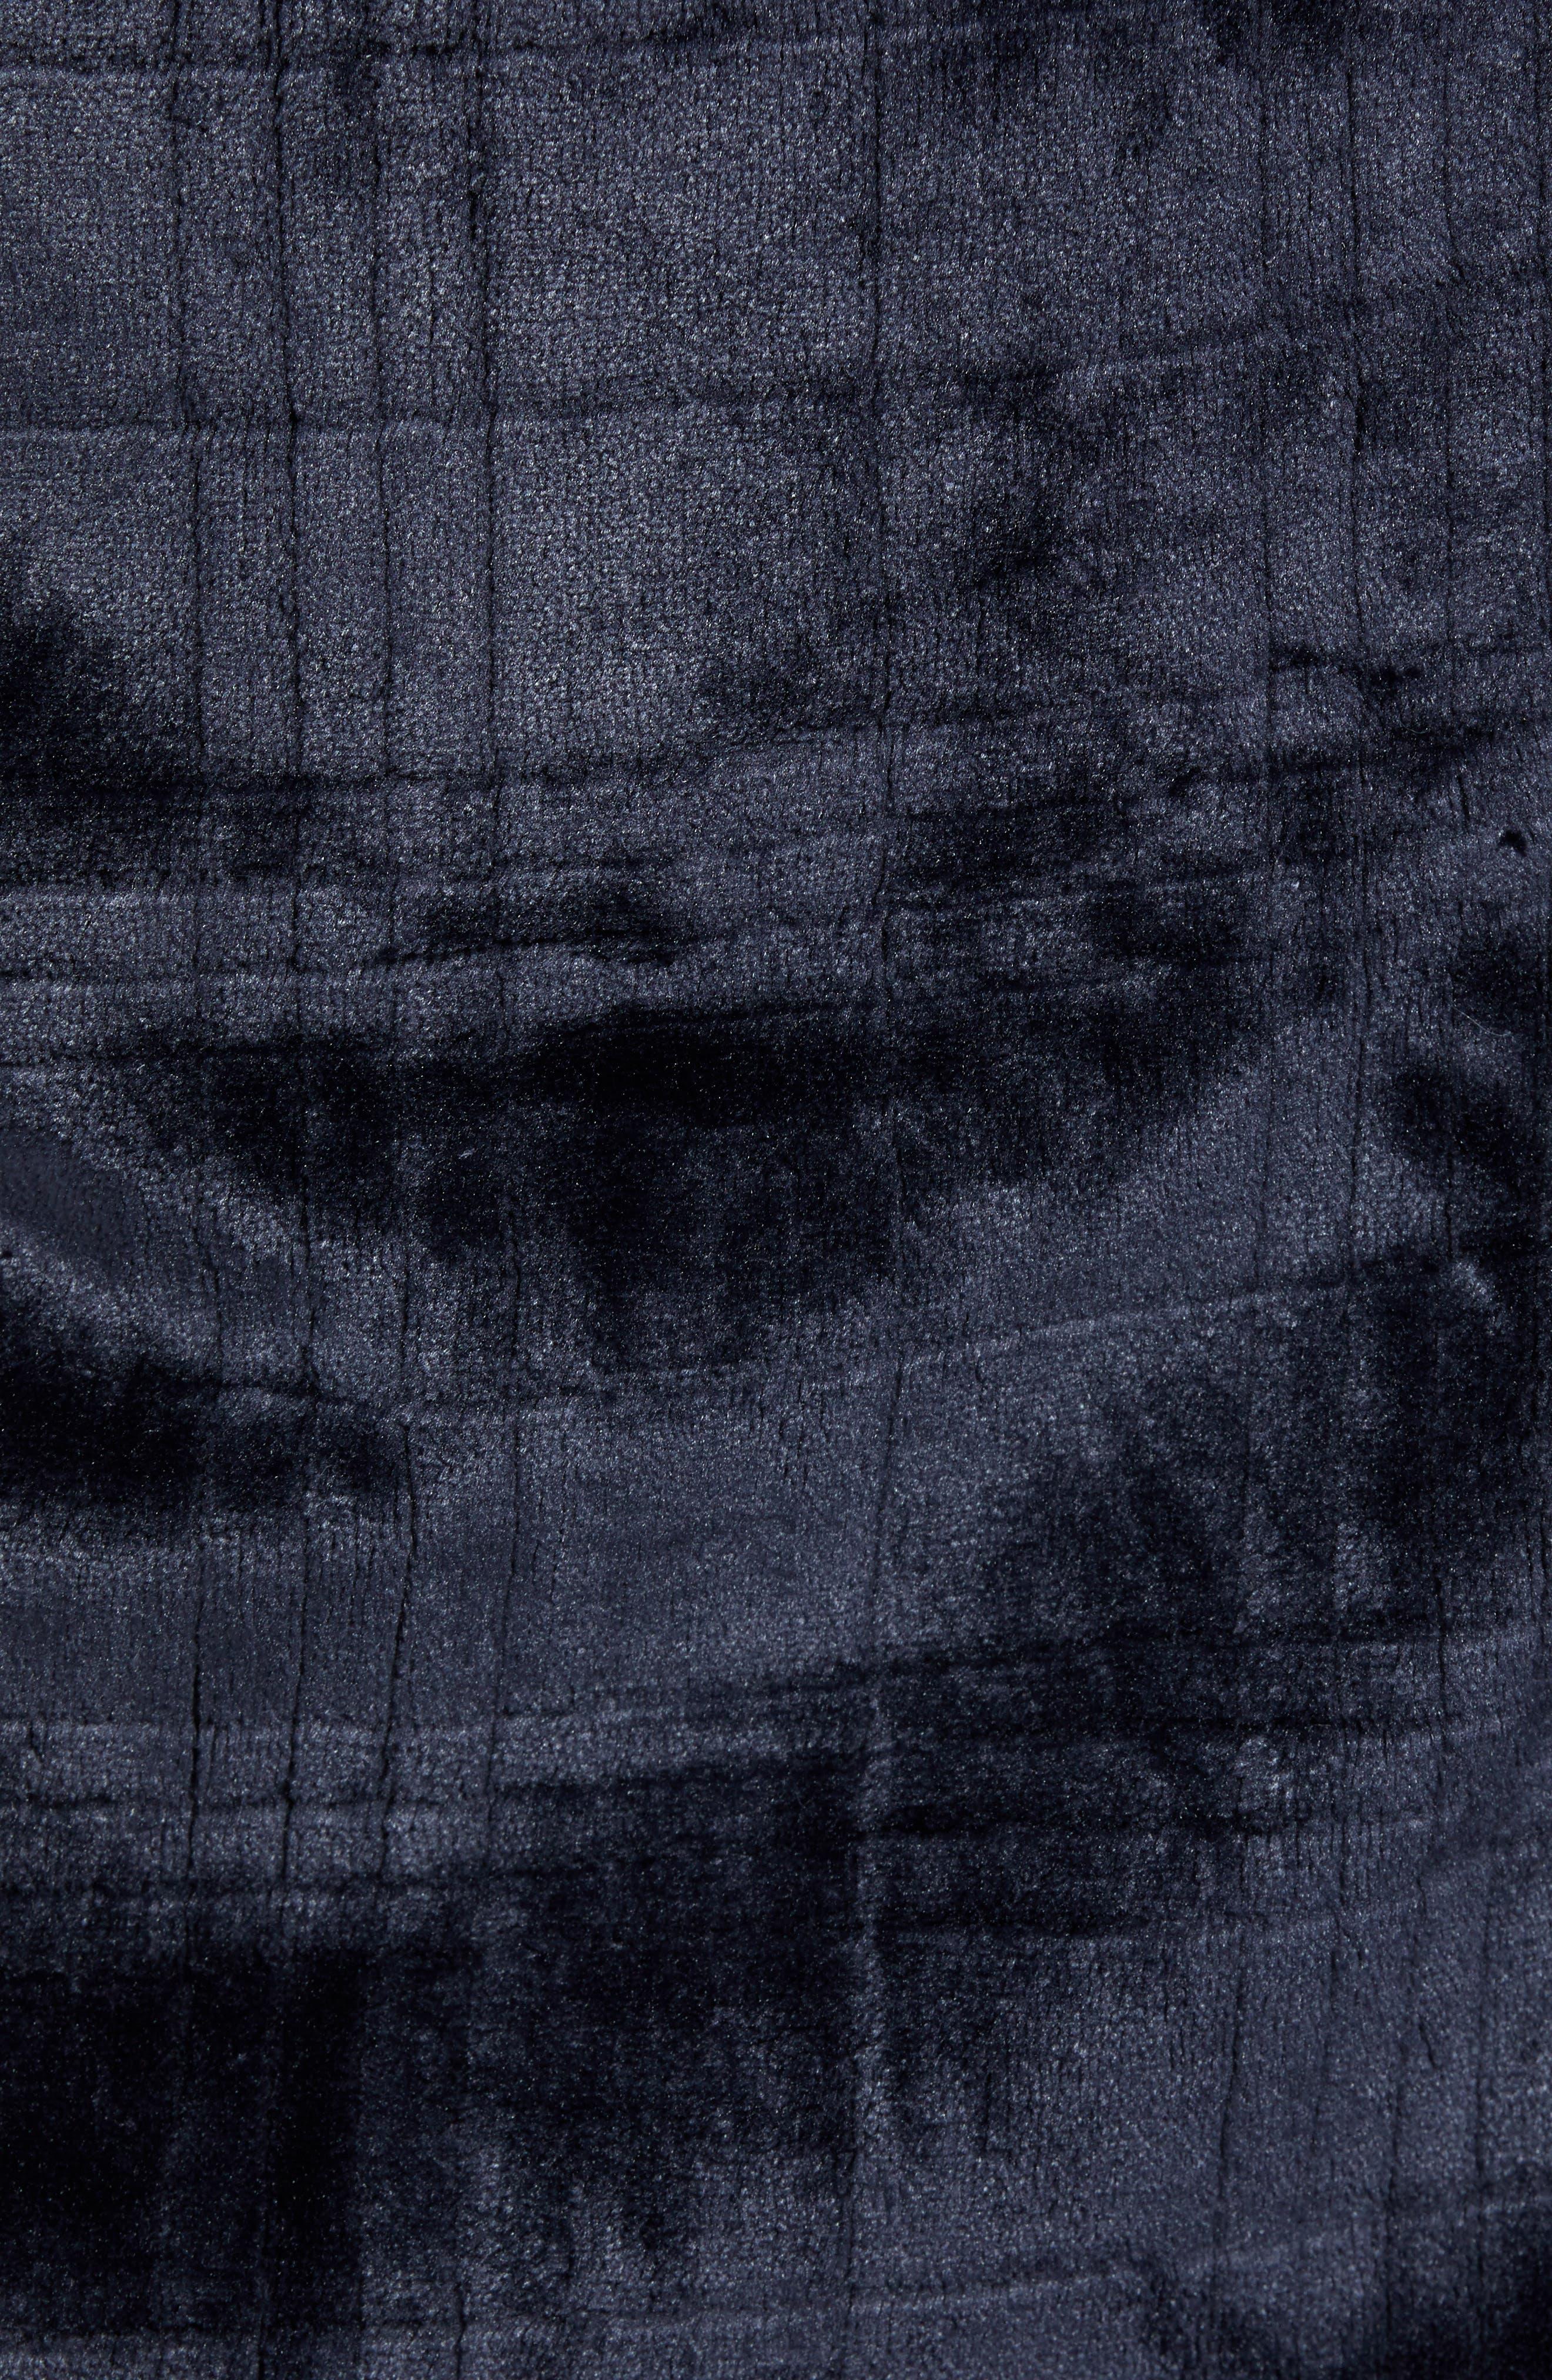 Plaid Plush Jacquard Robe,                             Alternate thumbnail 5, color,                             MIDNIGHT